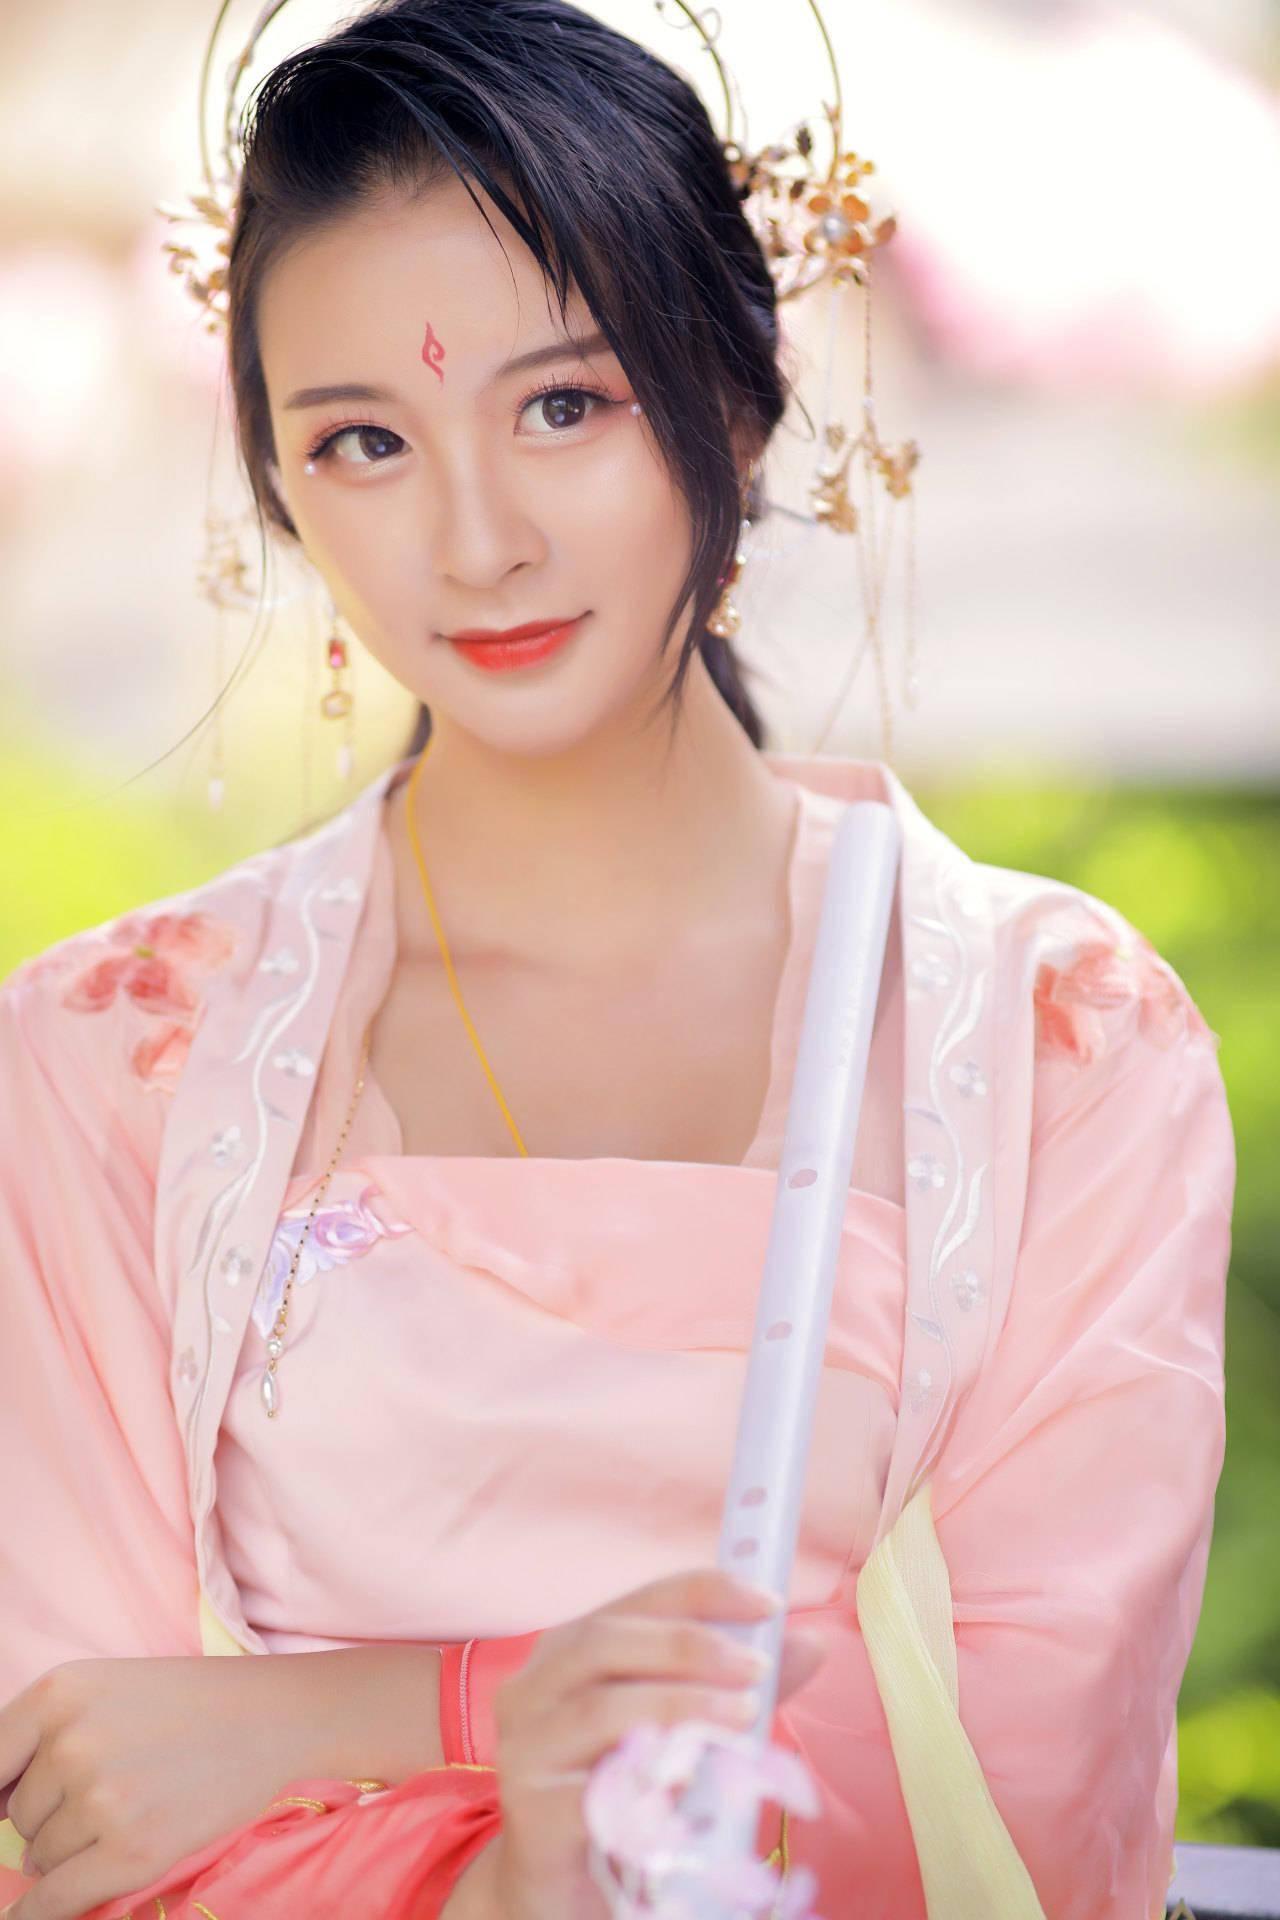 天涯明月刀·心王·逐花cosplay